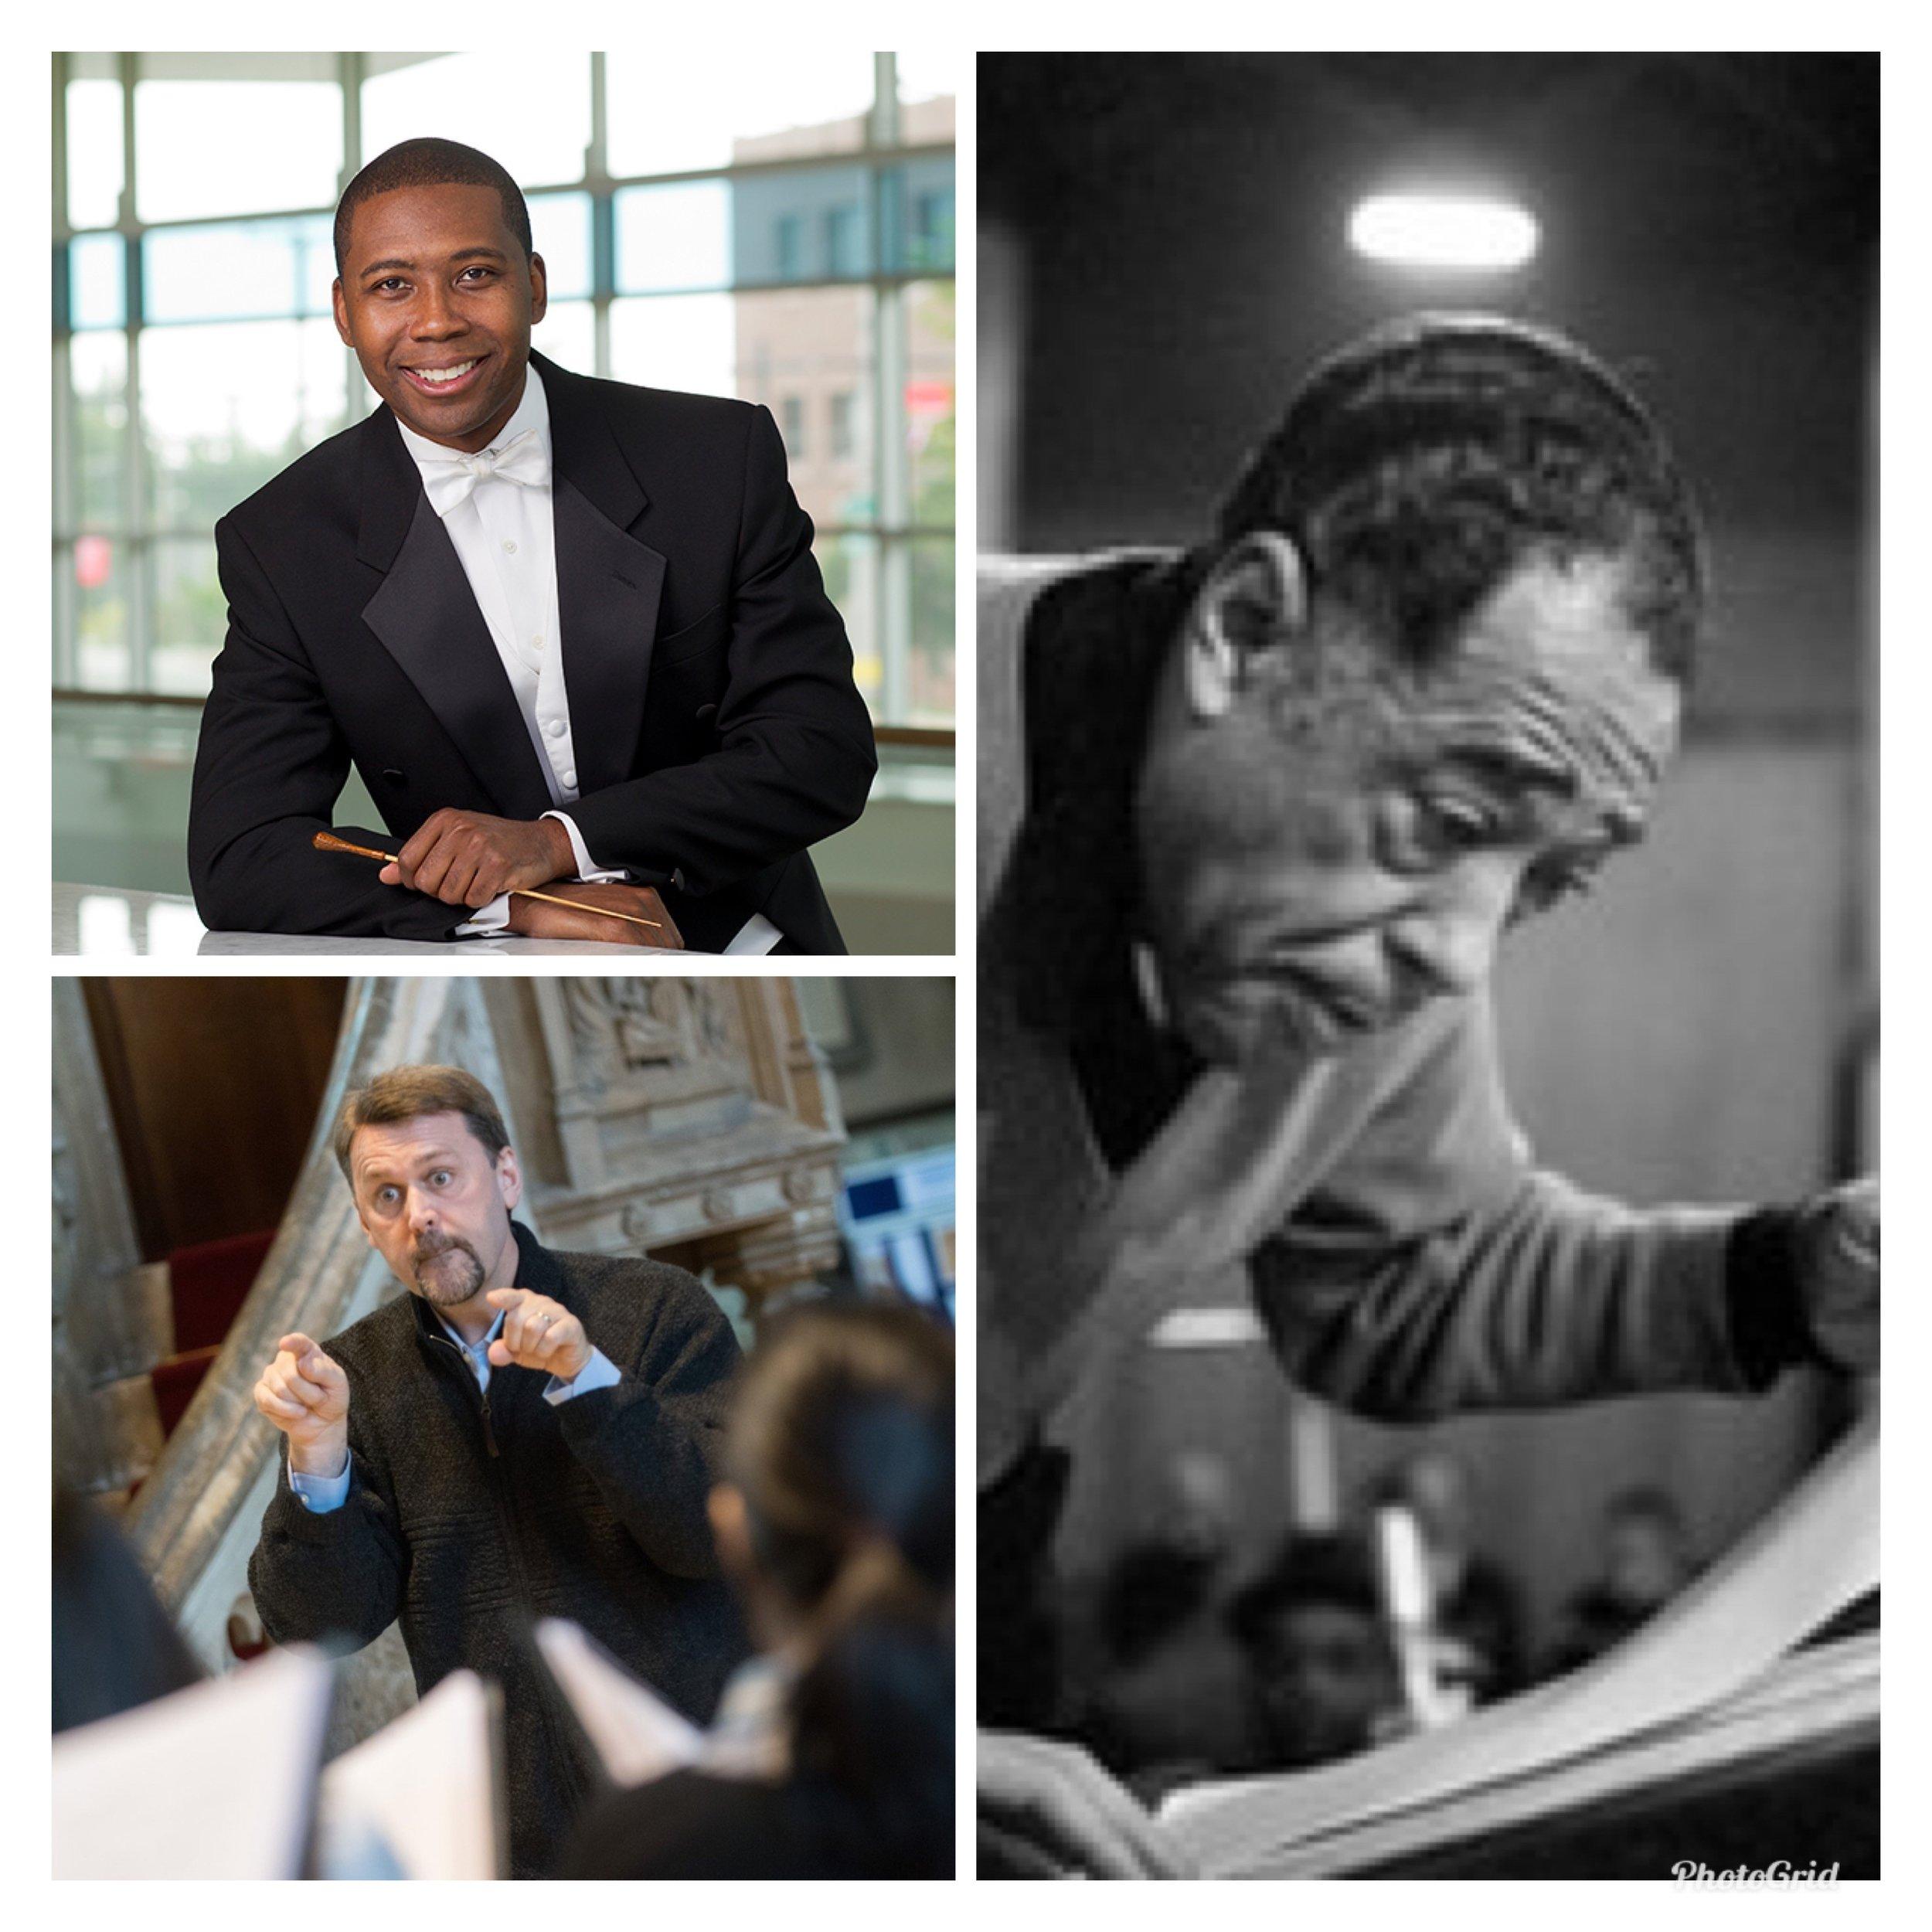 Rollo Dilworth, Nicholas White, Duke Ellington (counterclockwise)